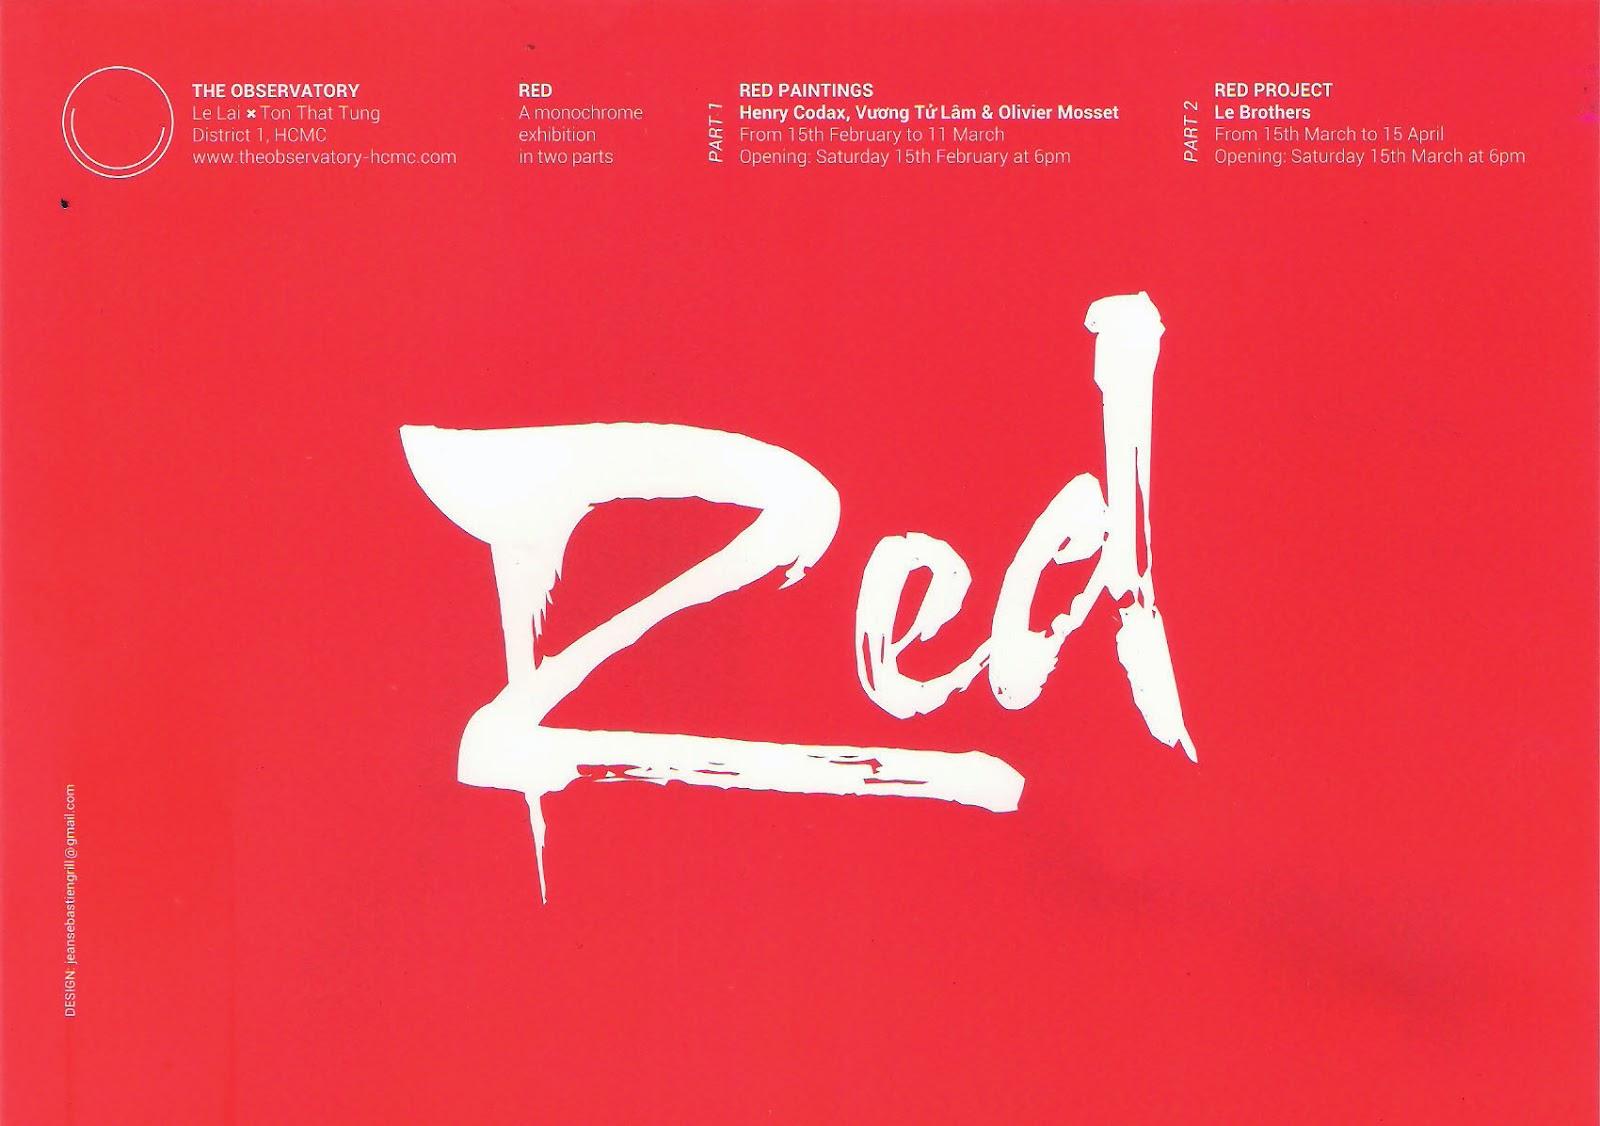 Arty show marguerite expo rouge for Que veut dire la couleur rouge